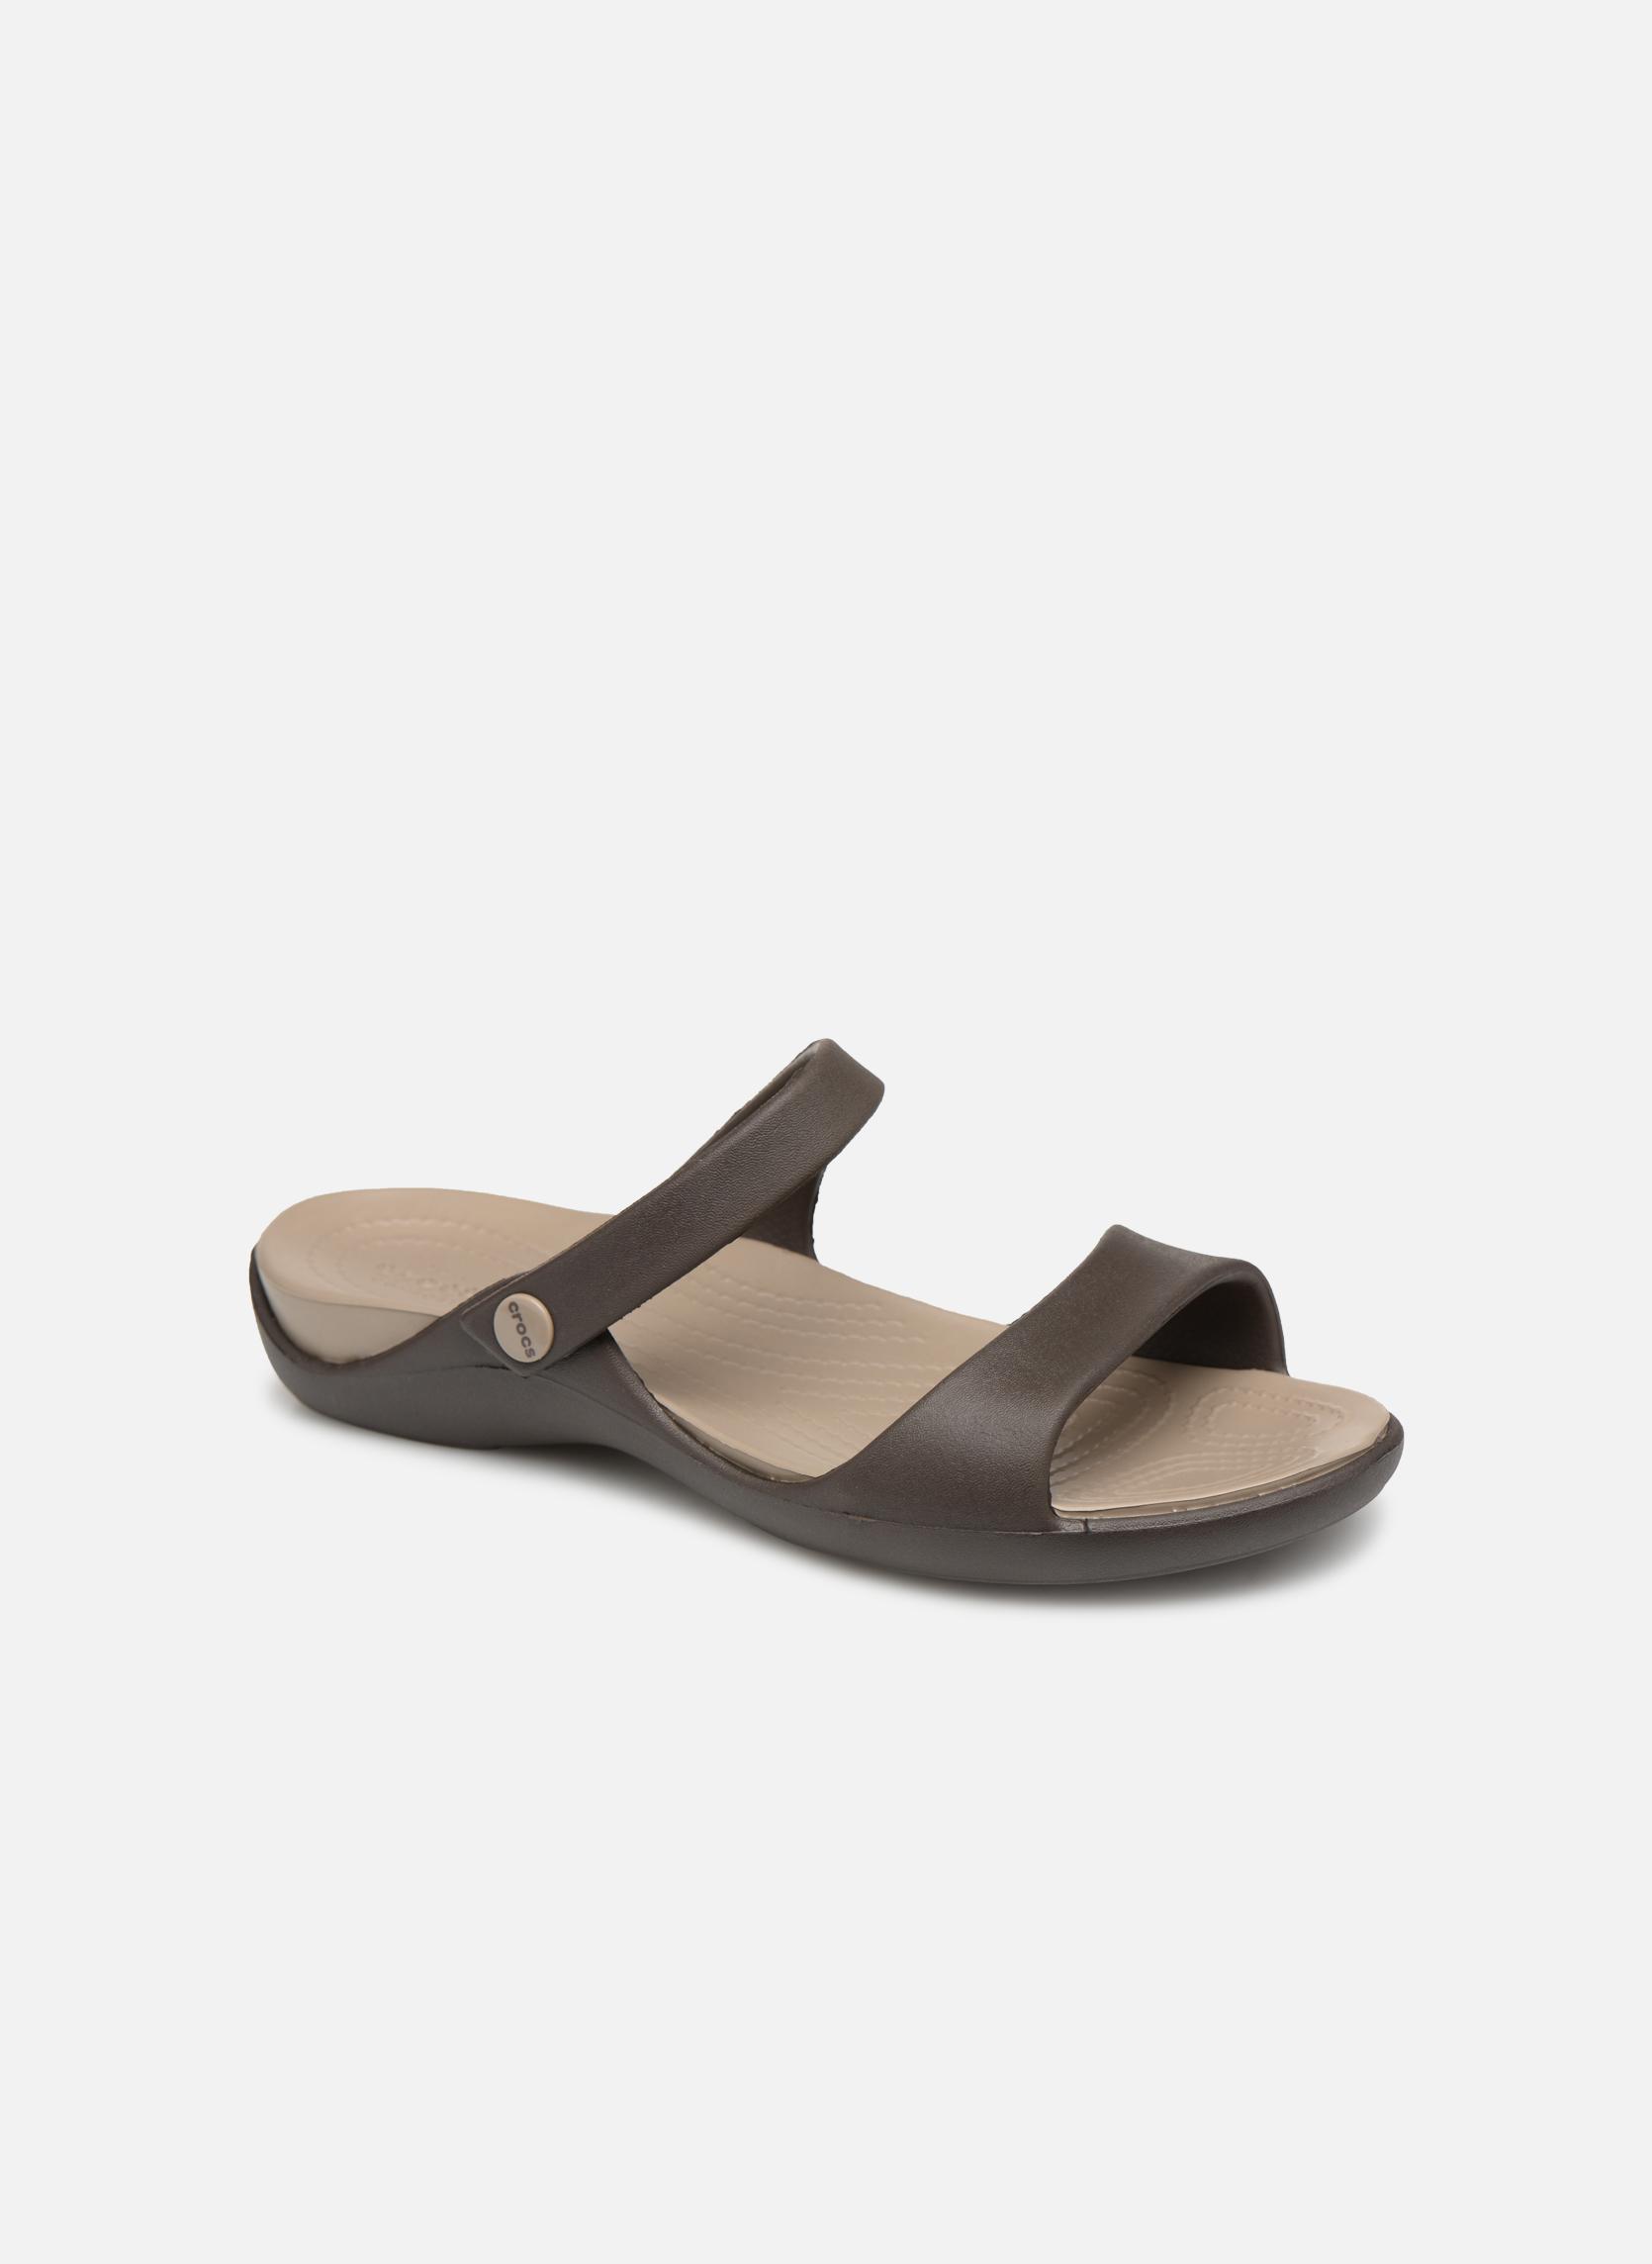 Wedges Crocs Bruin